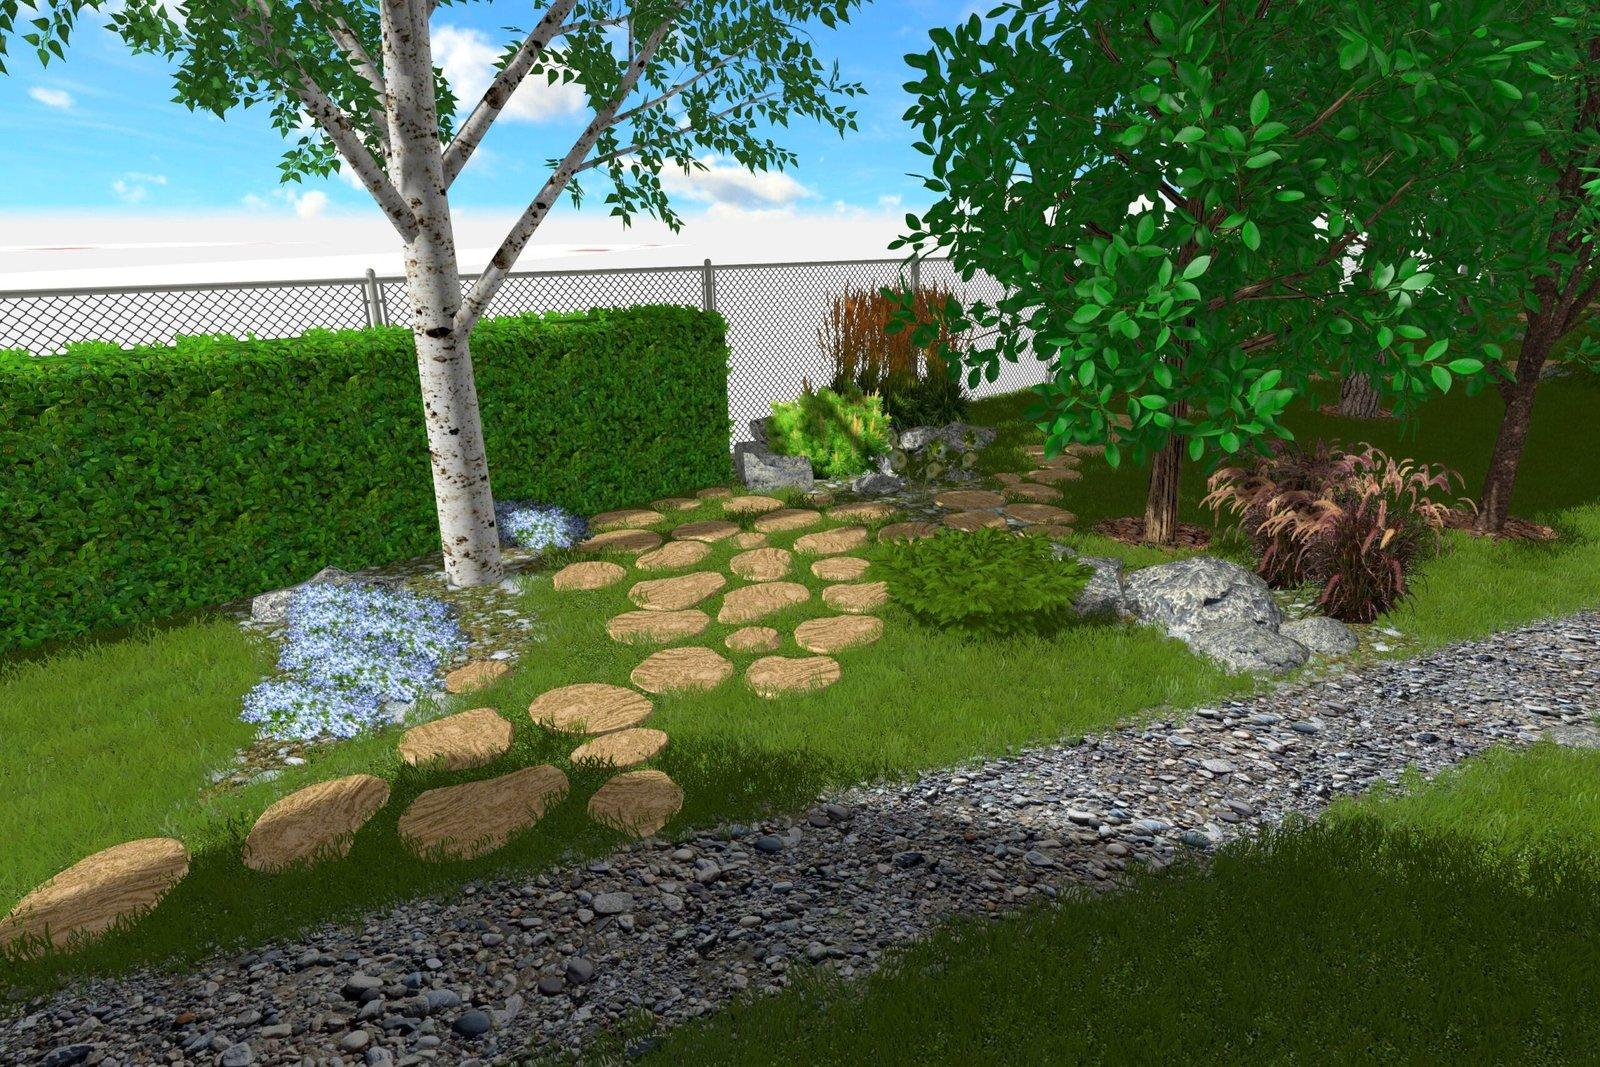 ландшафтный дизайн территории загородного дома, Учет климатических условий в ландшафтном дизайне